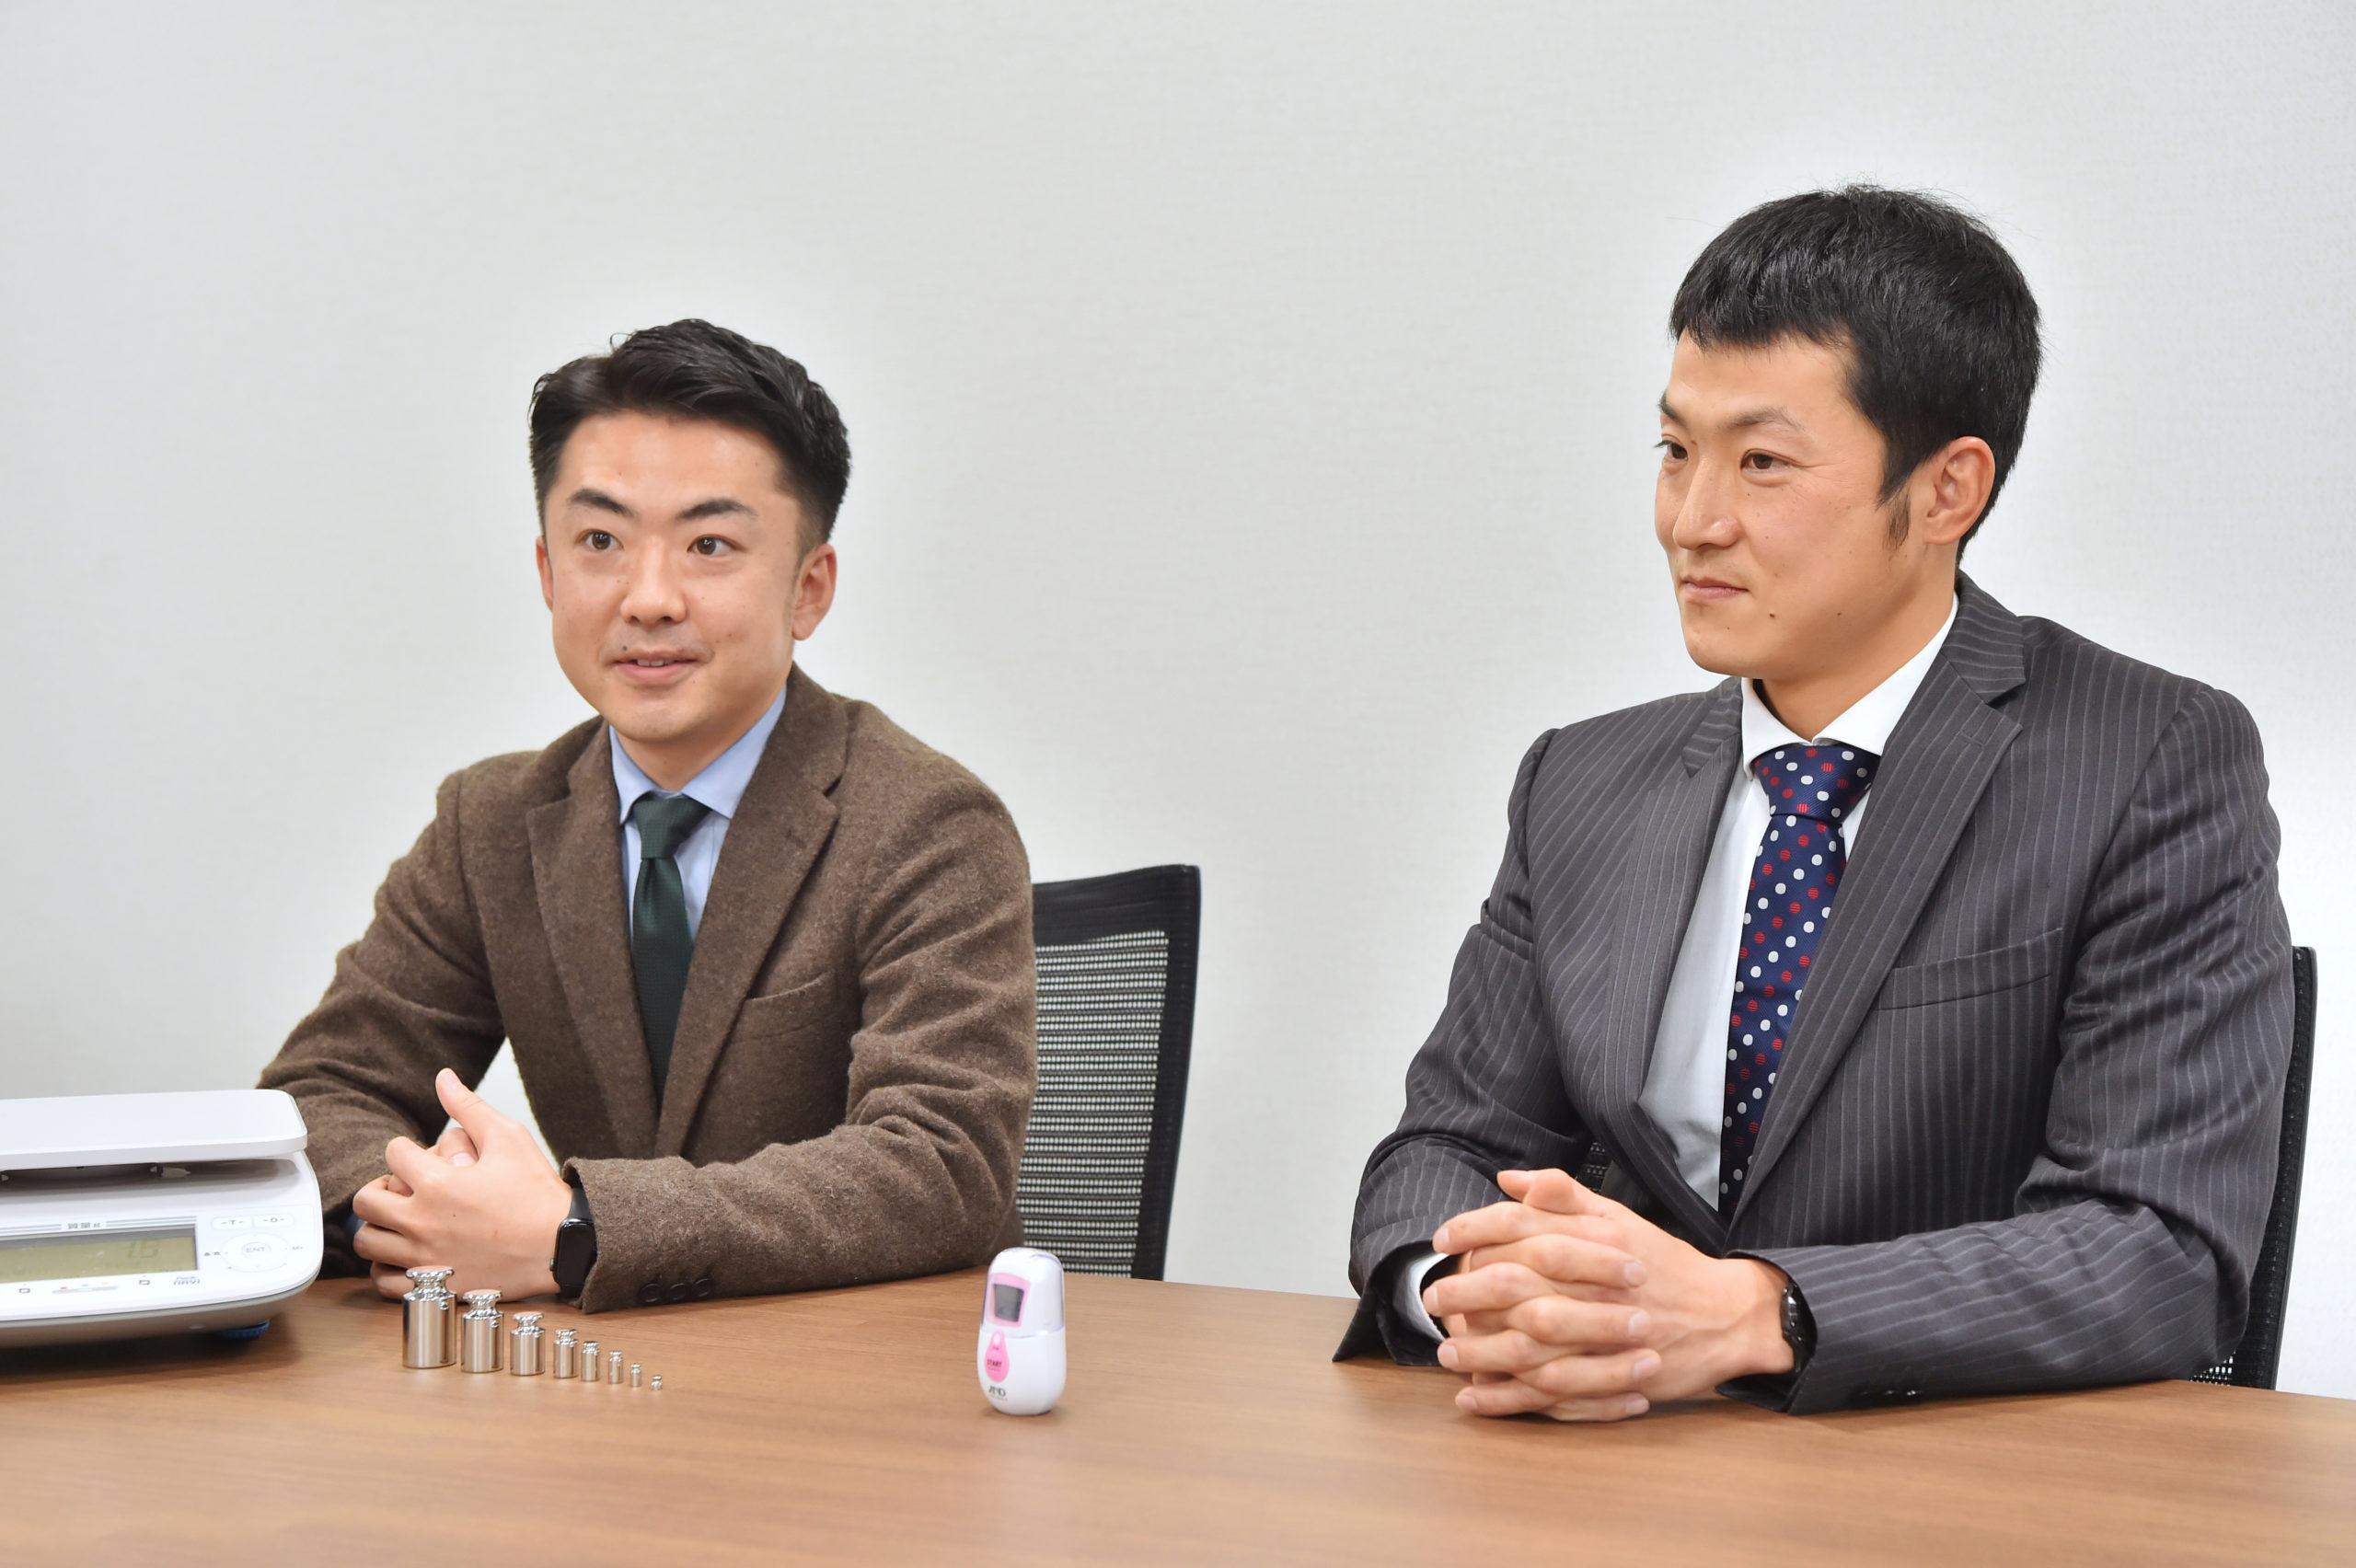 ライター大塚の質問に的確に答えてくださる石蔵裕晃さん